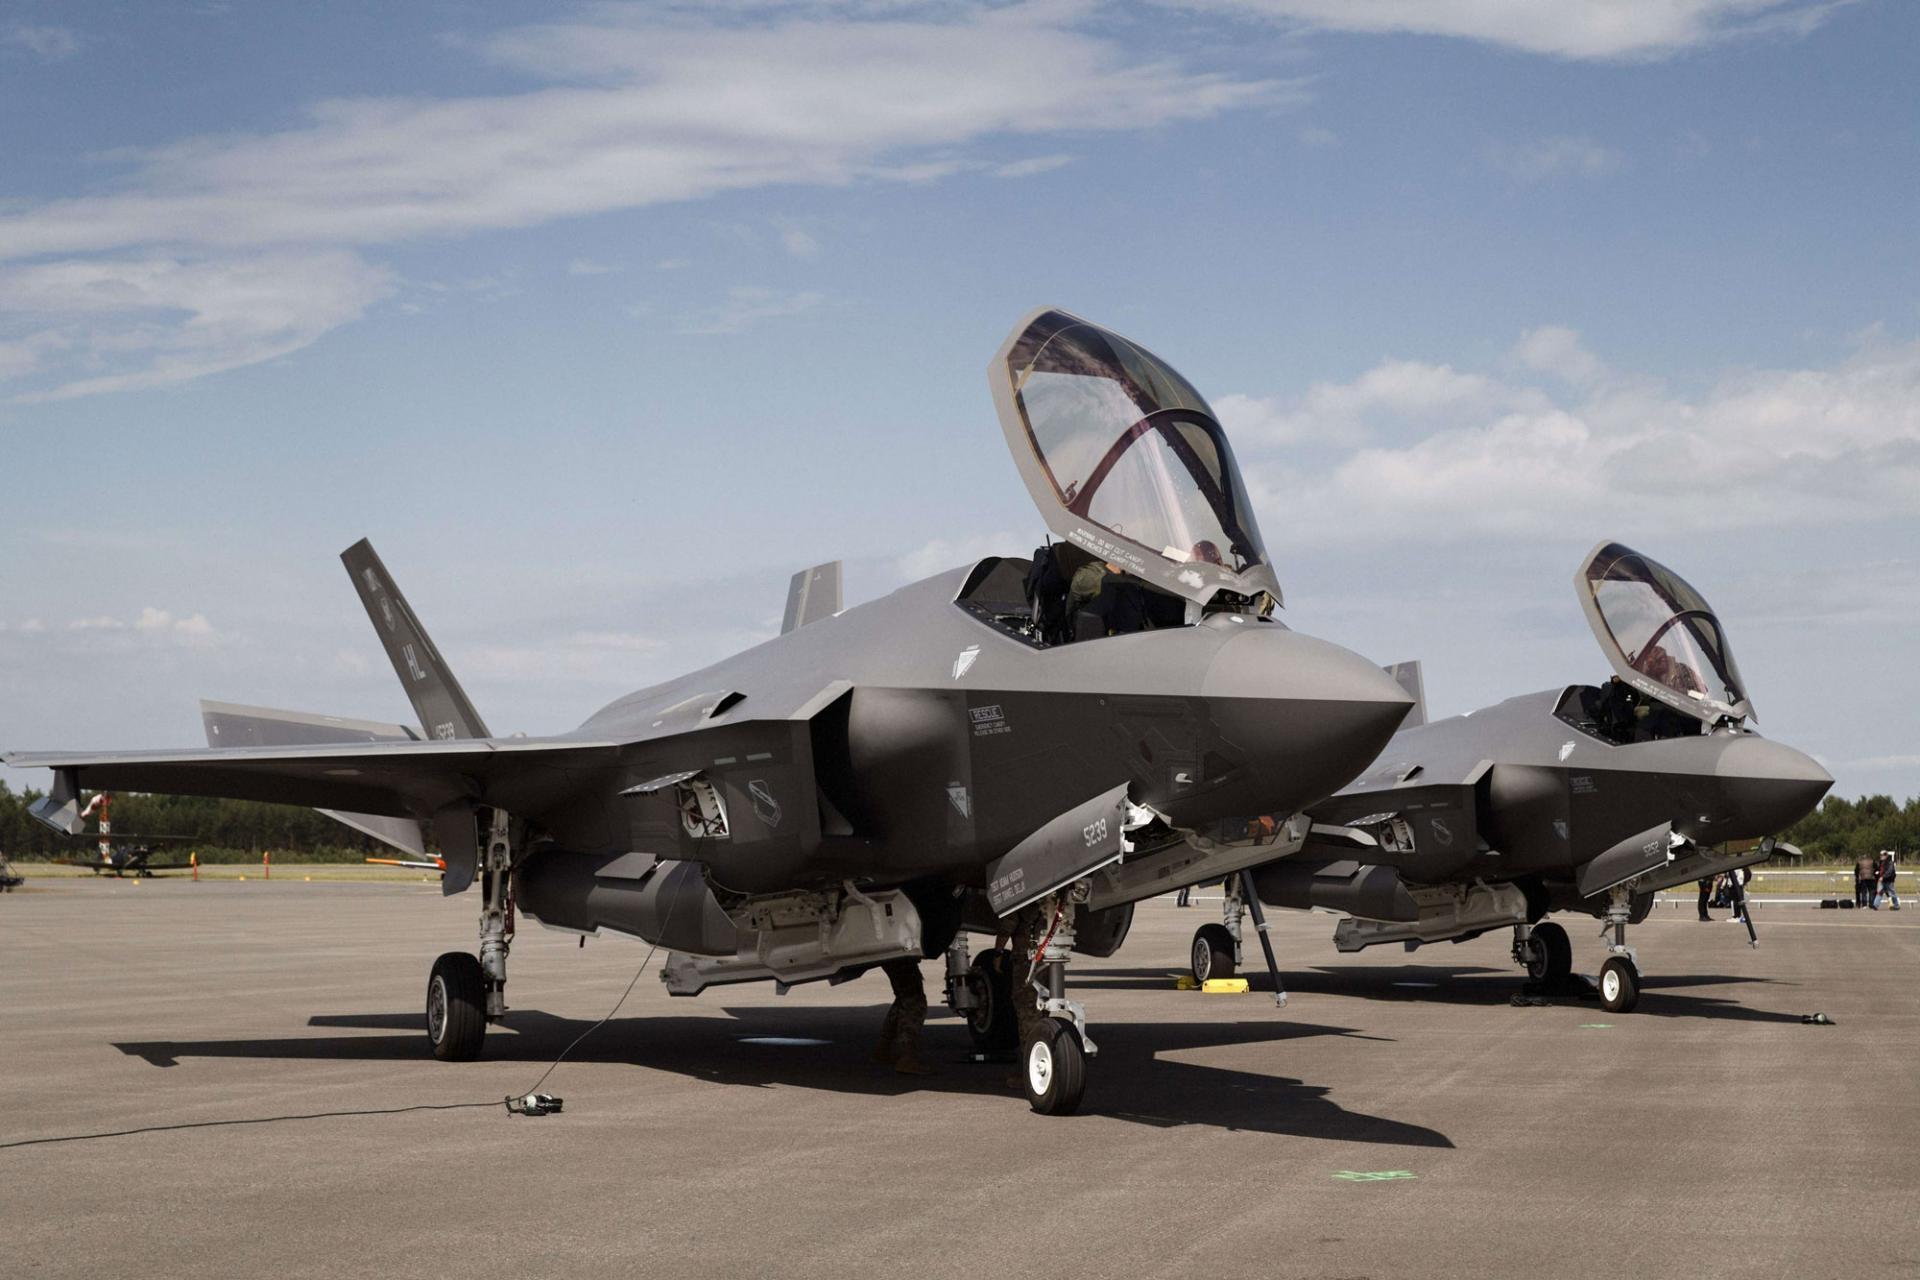 """نتنياهو: طائرات """"إف 35"""" قادرة على الوصول إلى أي مكان في الشرق الأوسط"""